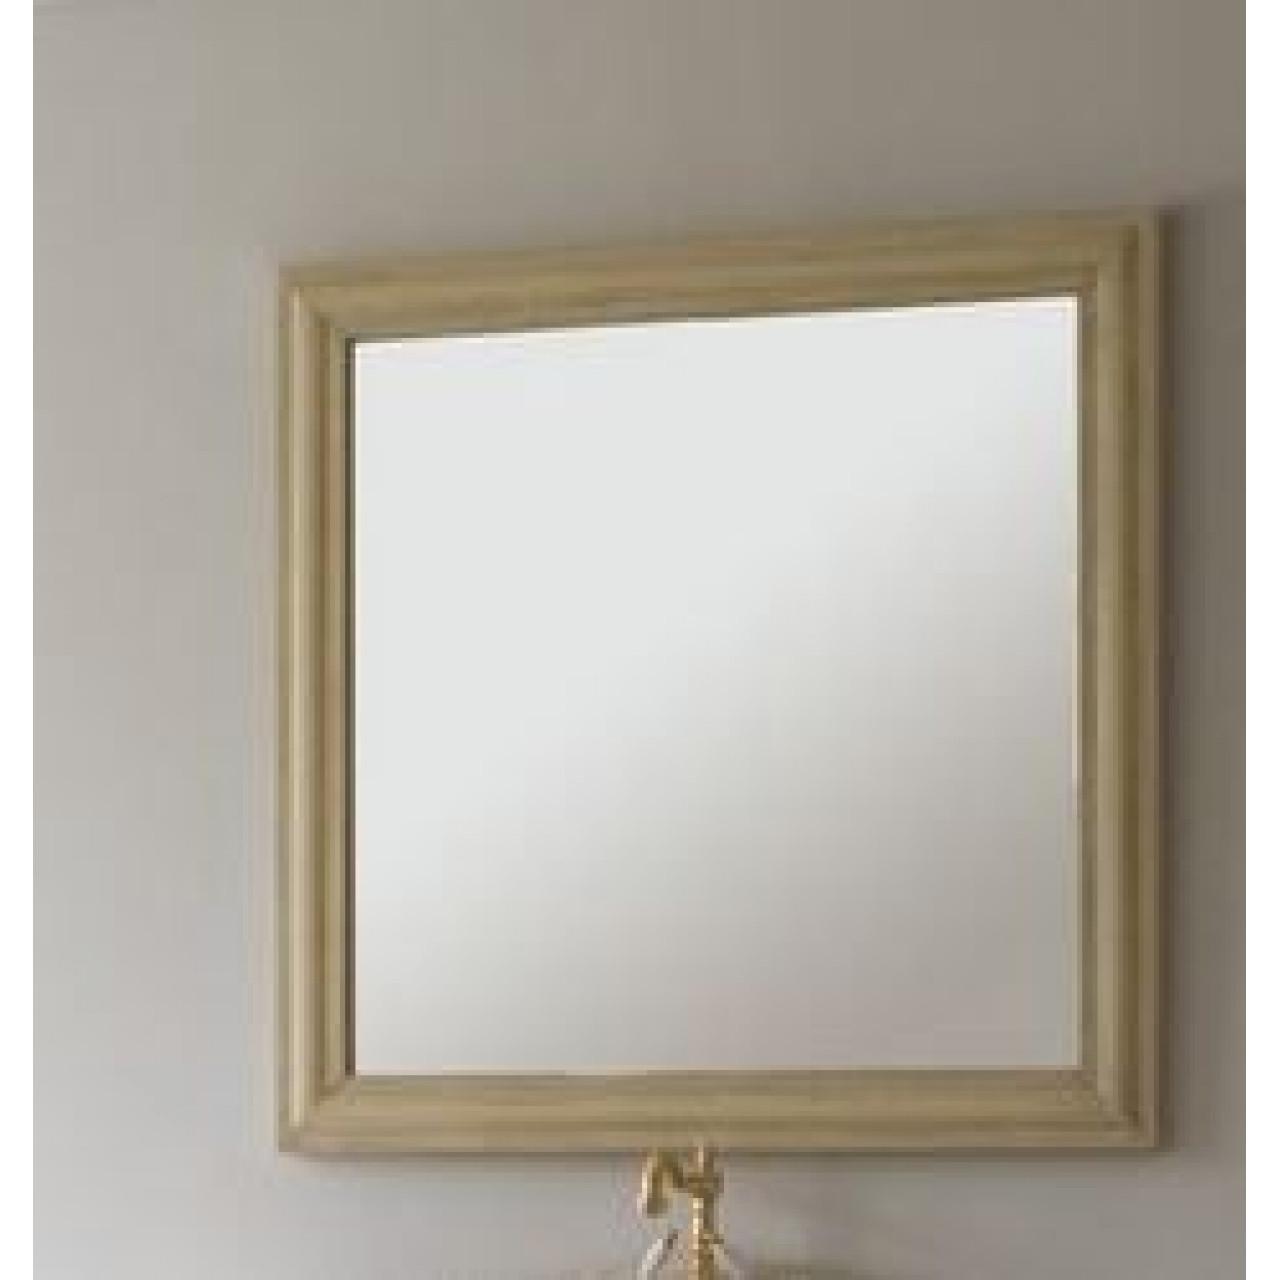 Зеркало Аллигатор Роял Престиж 90A купить в Москве по цене от 11100р. в интернет-магазине mebel-v-vannu.ru